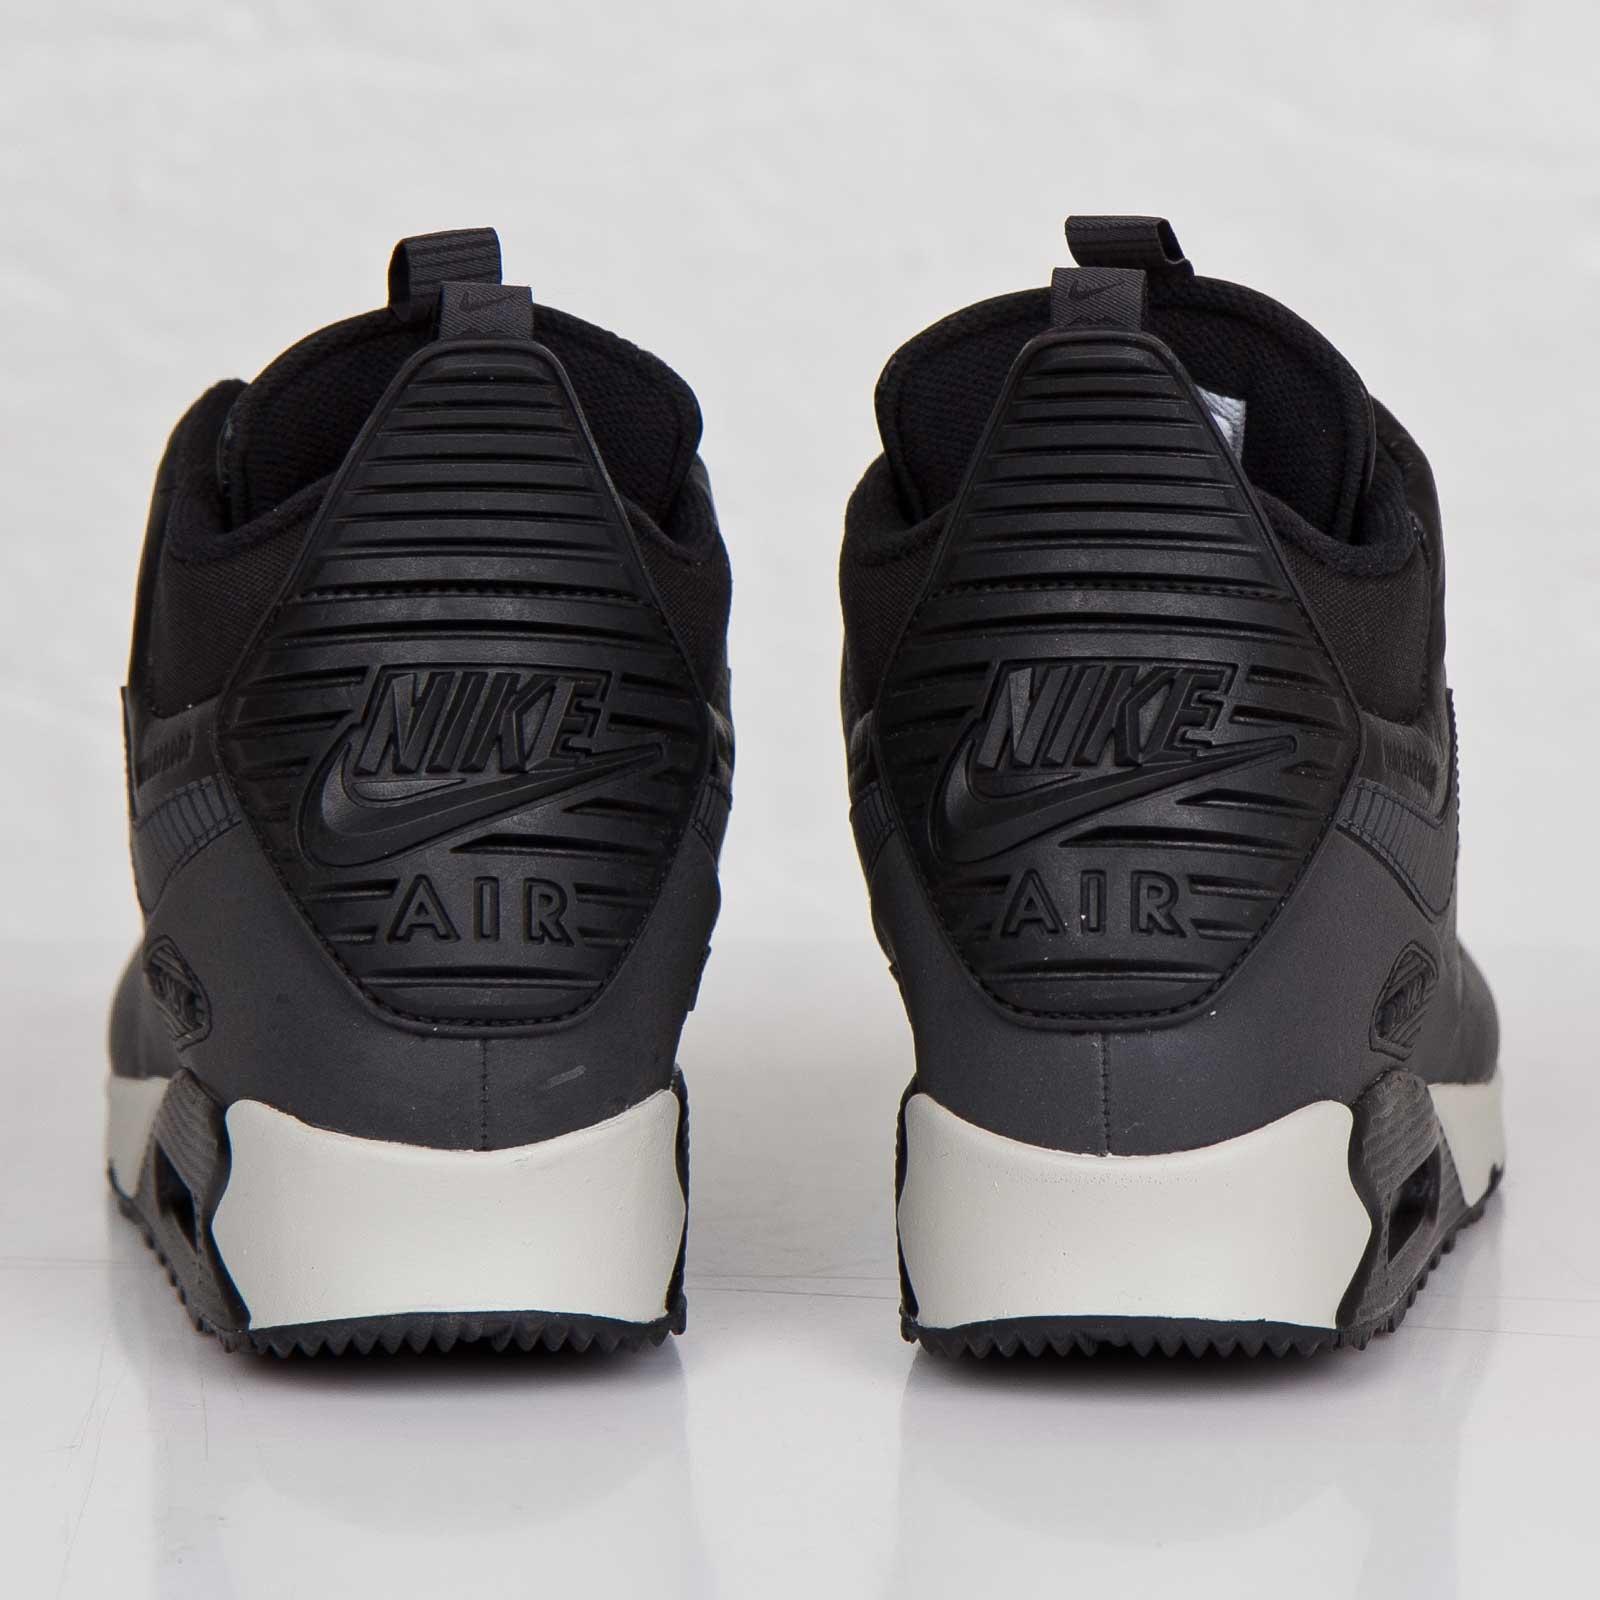 best authentic 9358c 6bba3 Nike Air Max 90 Sneakerboot Winter - 684714-001 - Sneakersnstuff   sneakers    streetwear online since 1999